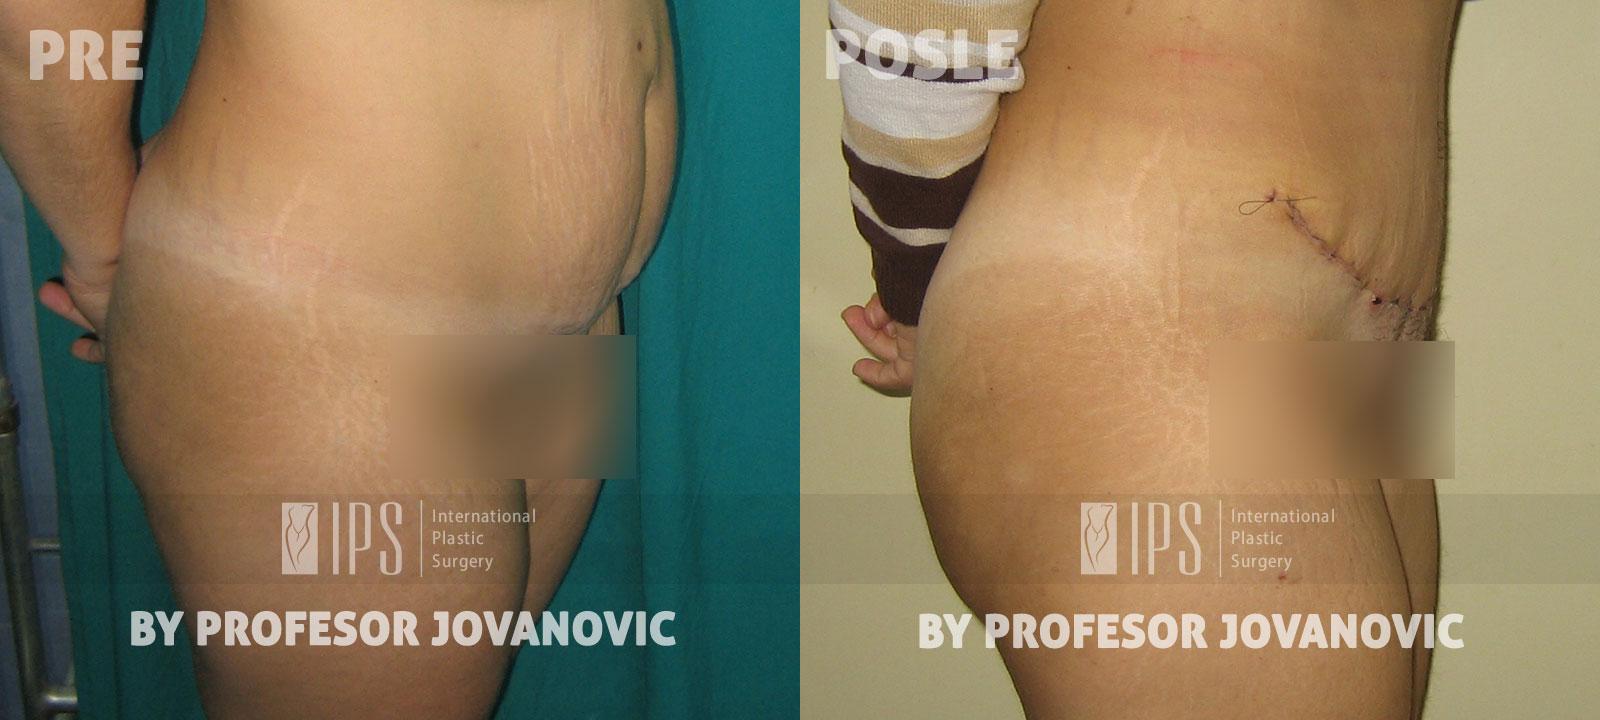 Zatezanje stomaka - pre i posle, desni bok